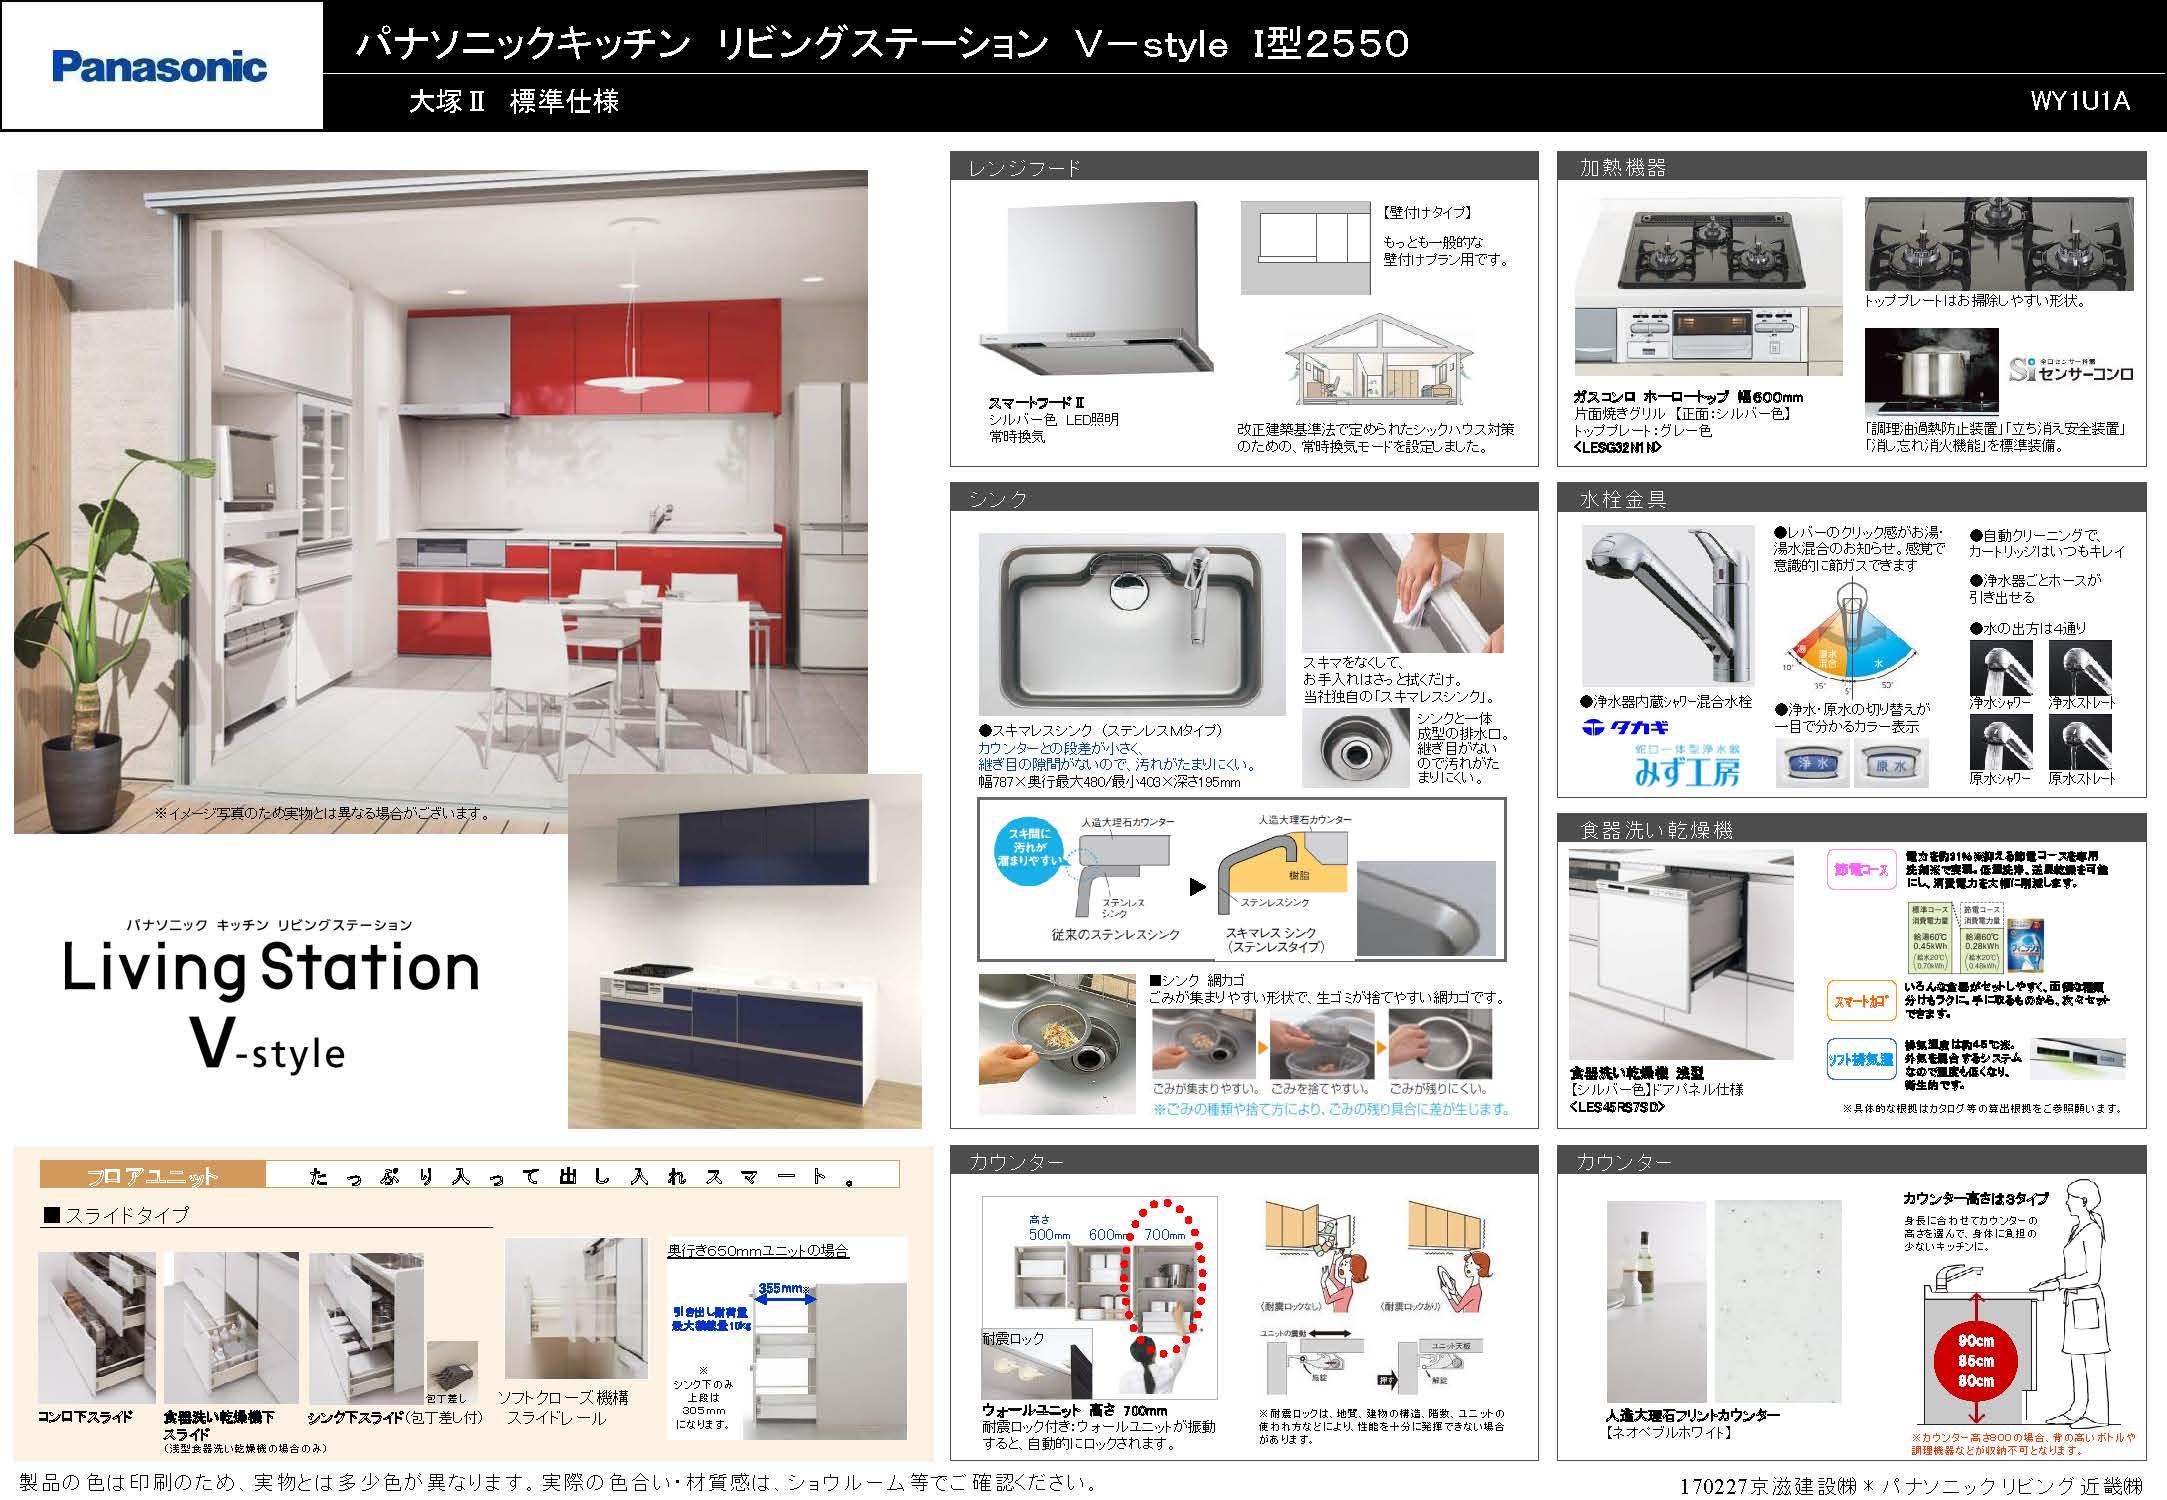 キッチン-01